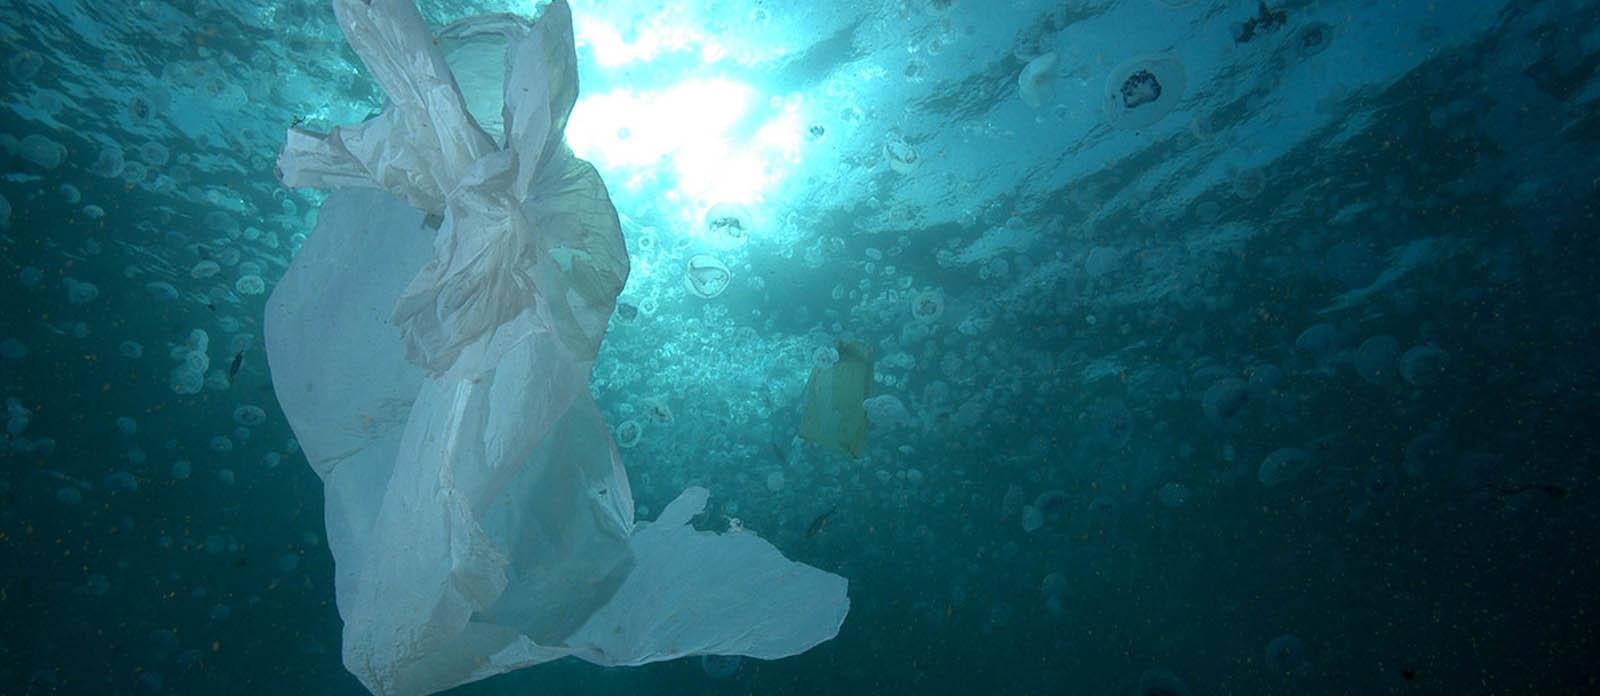 La contaminación de plástico en los mares podría triplicarse en 2040